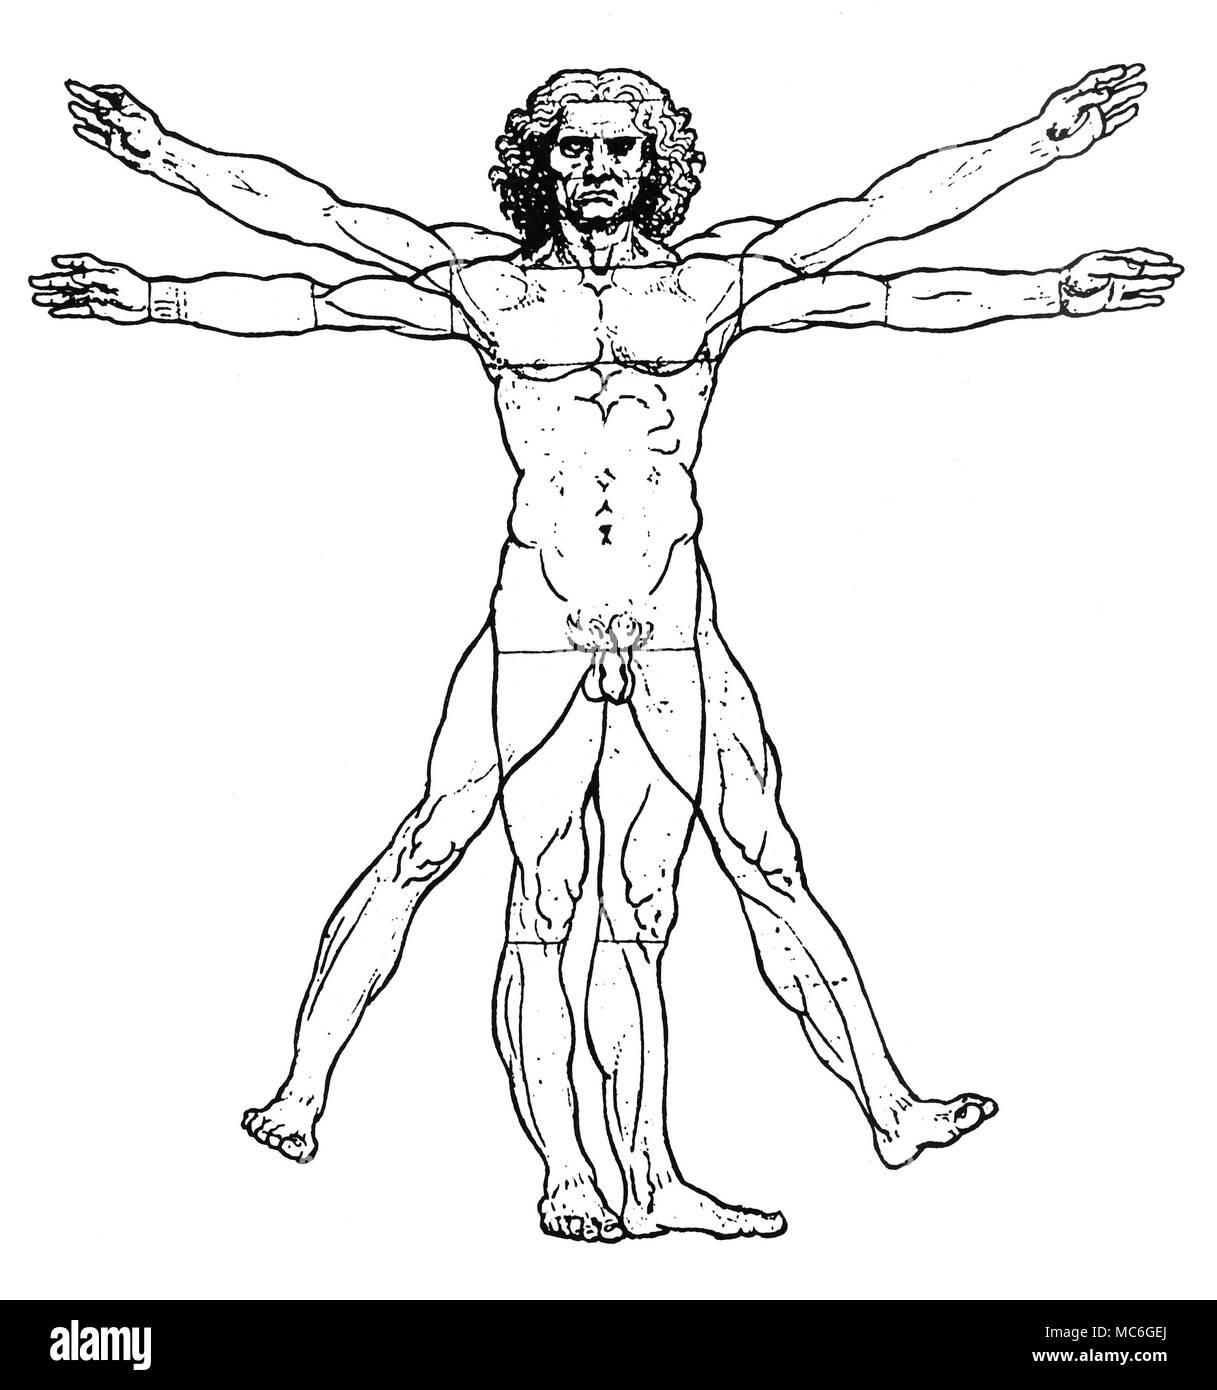 Berühmt Anatomie Des Menschen Für Den Künstler Fotos - Anatomie ...